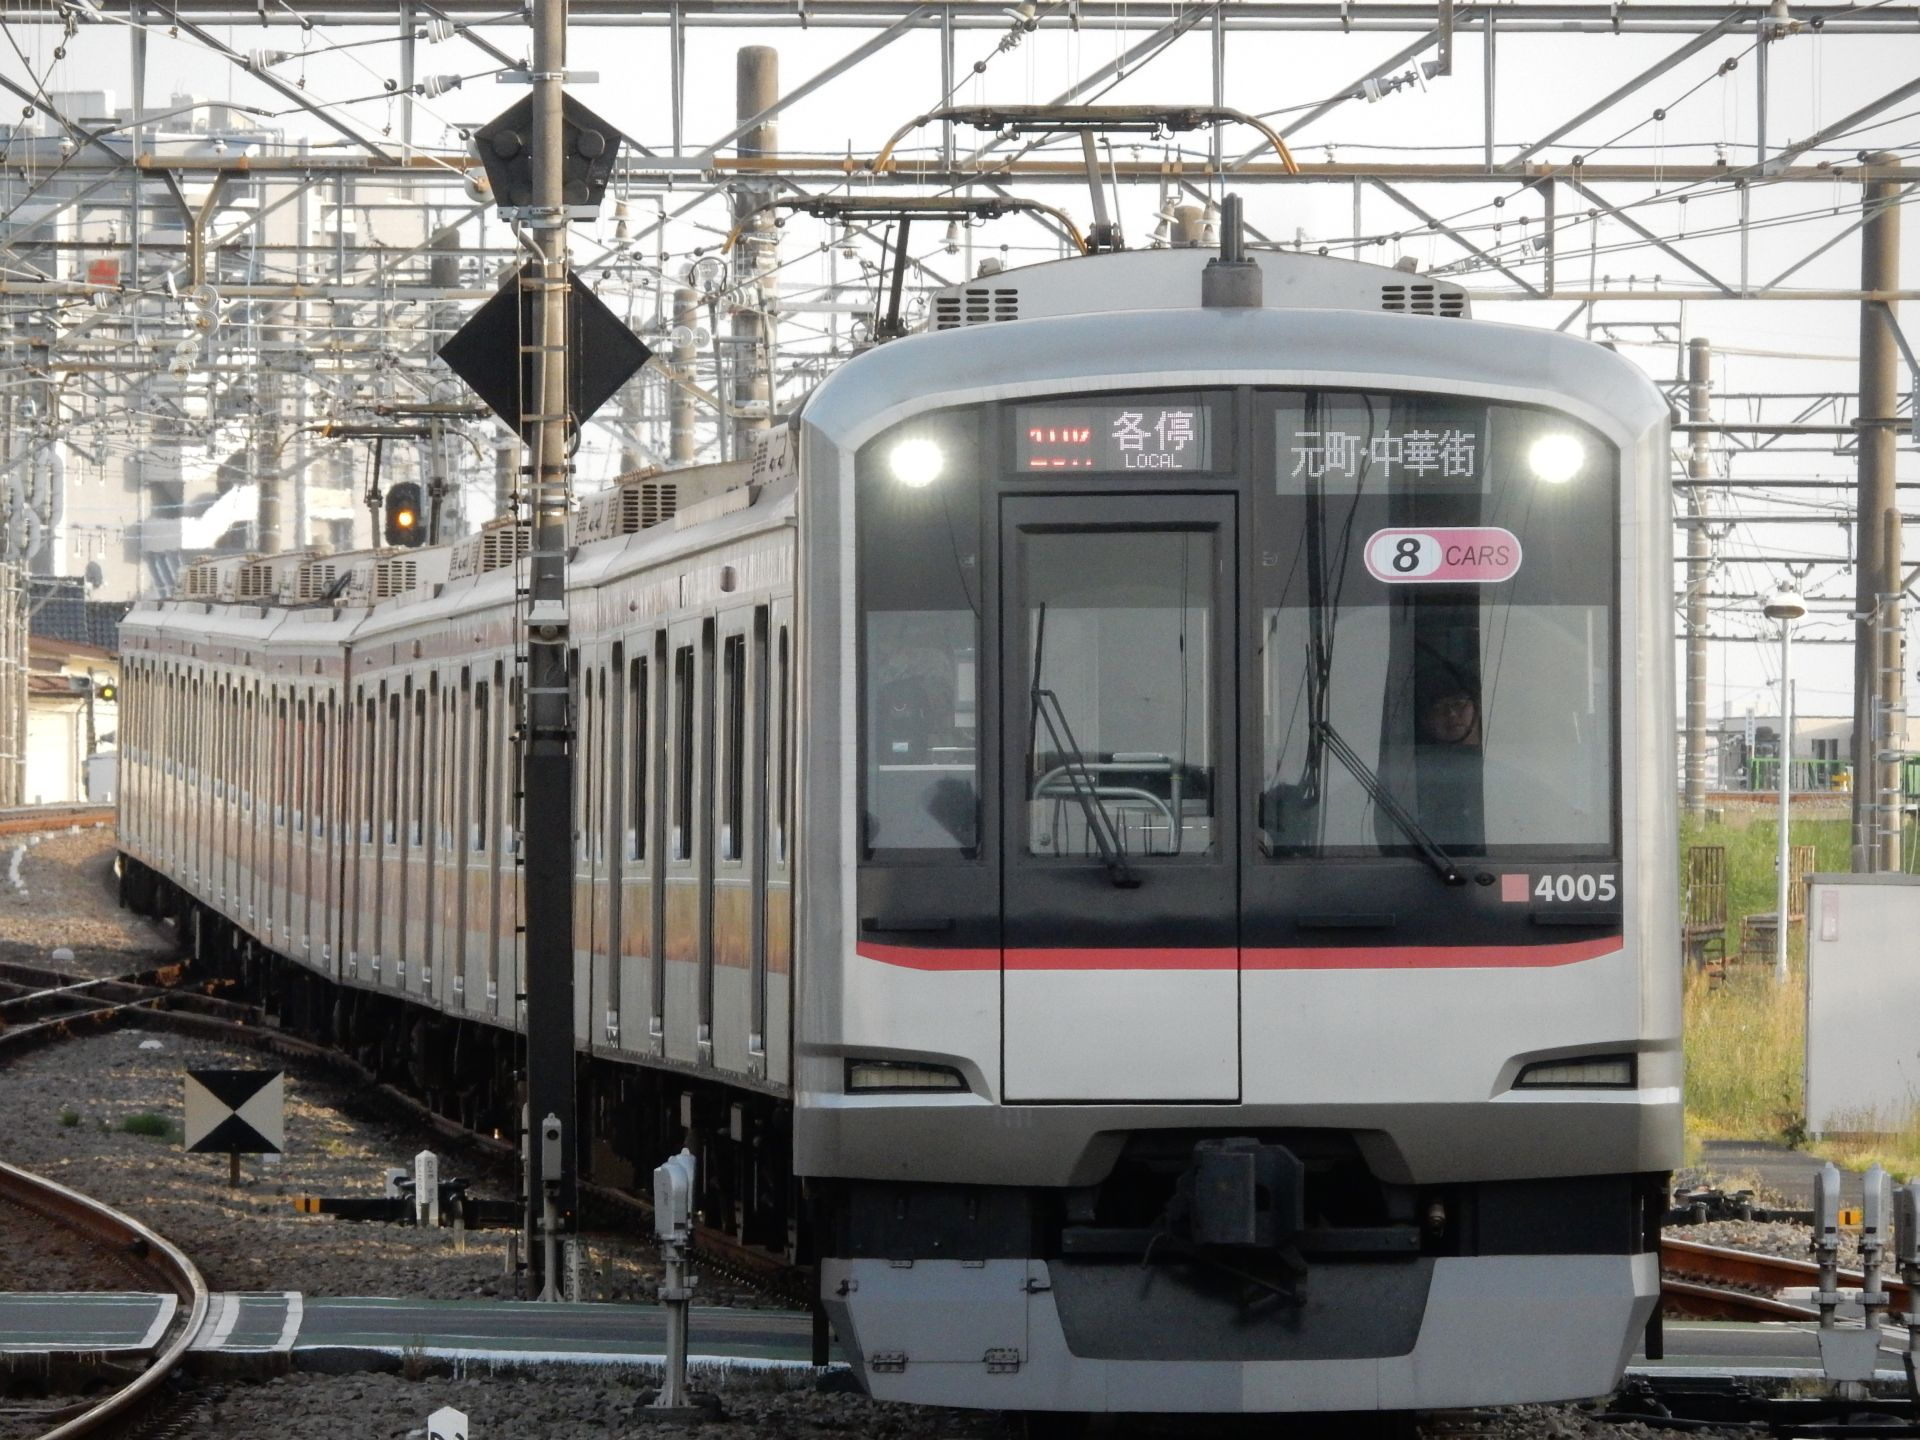 DSCN9619 - コピー